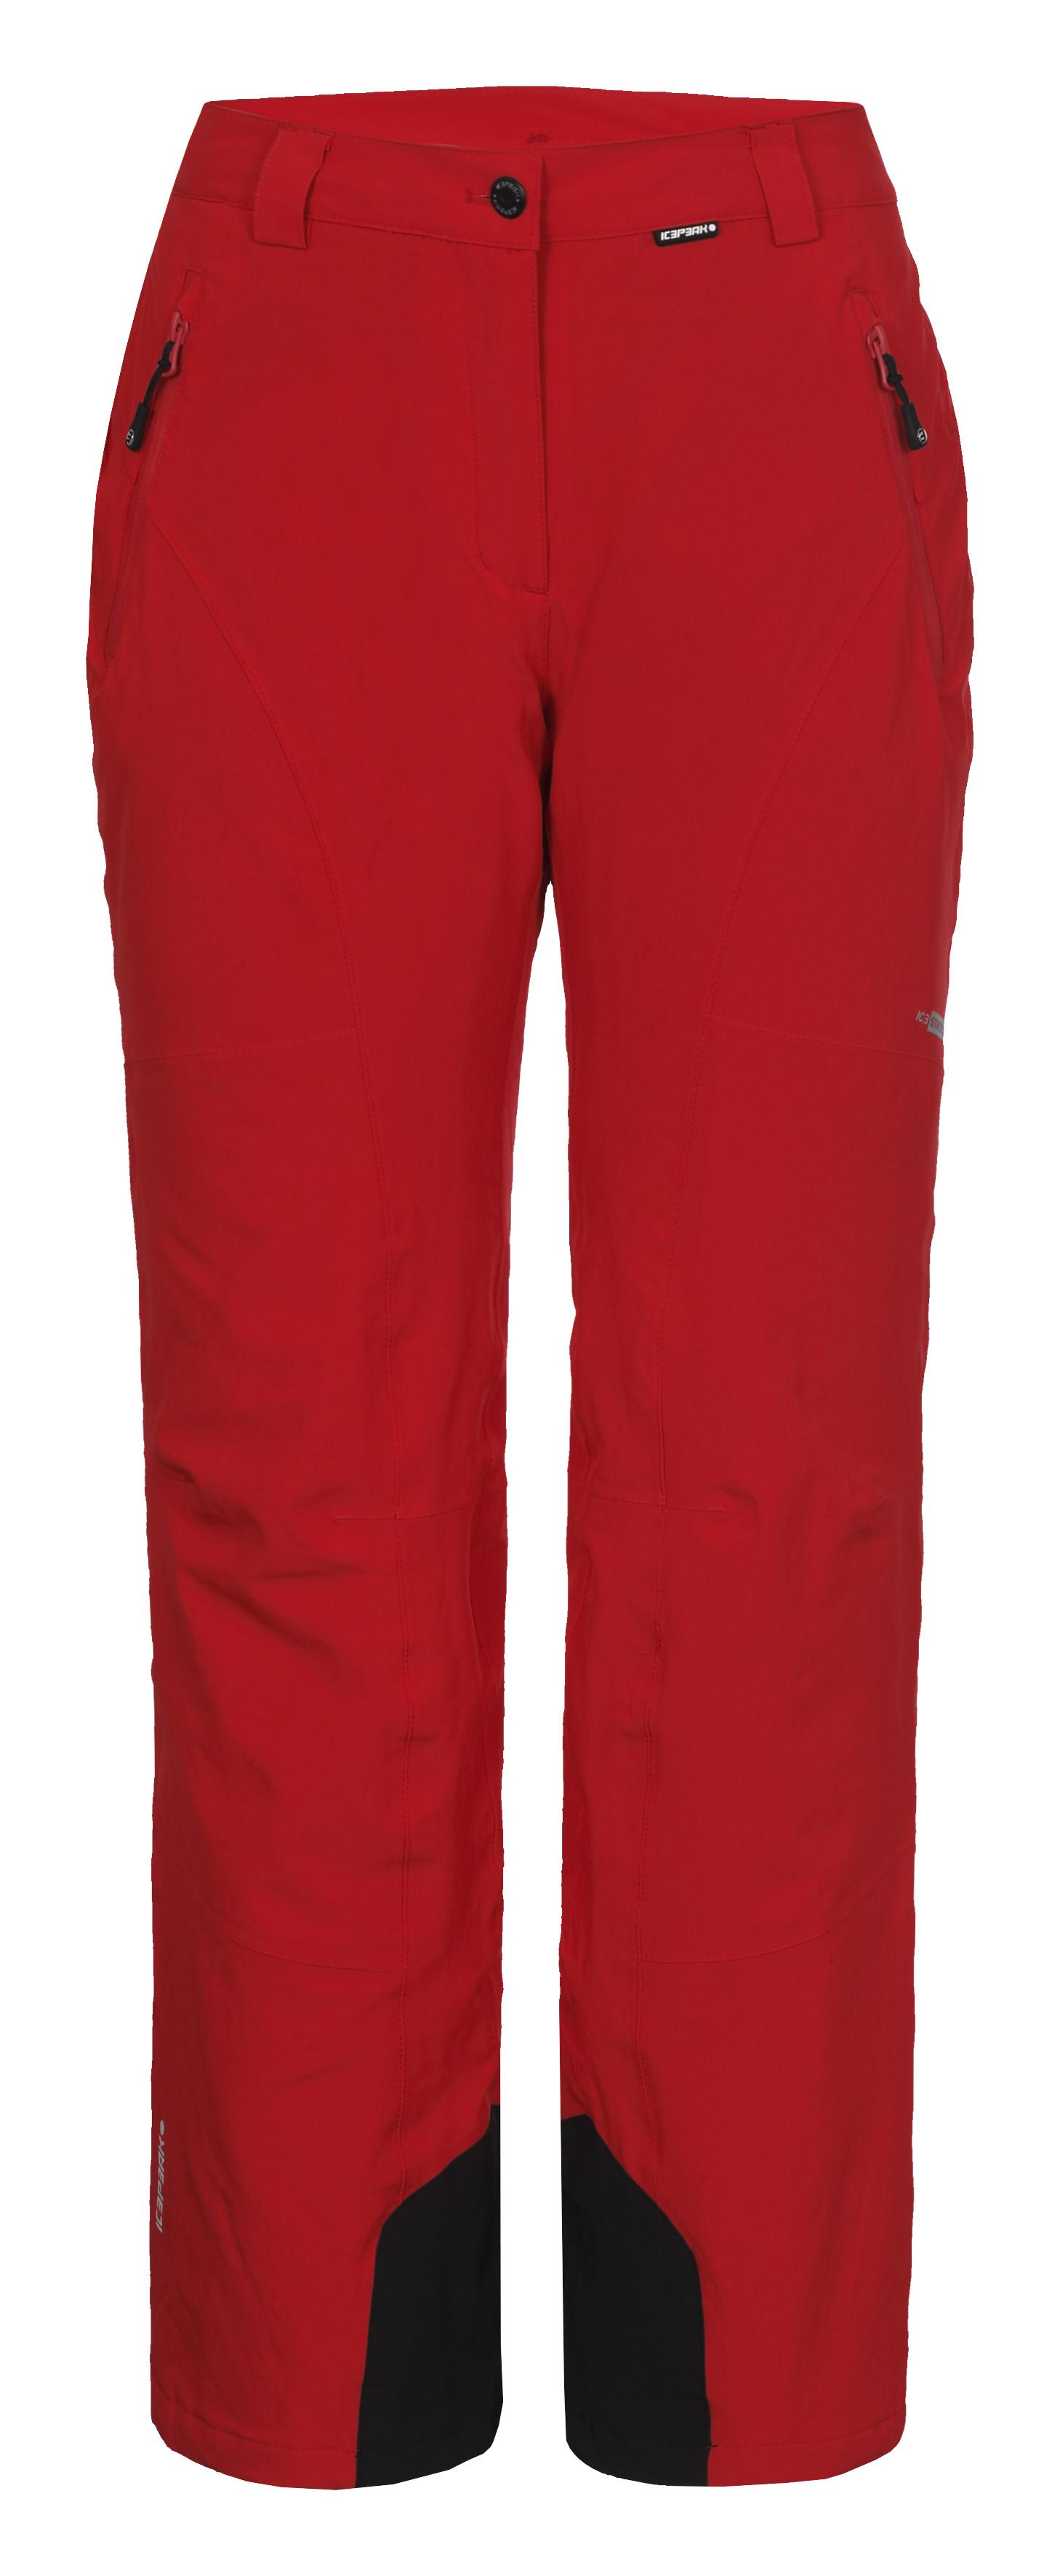 ac4c65e697c Dámské lyžařské kalhoty Icepeak Noelia červené 54011-646